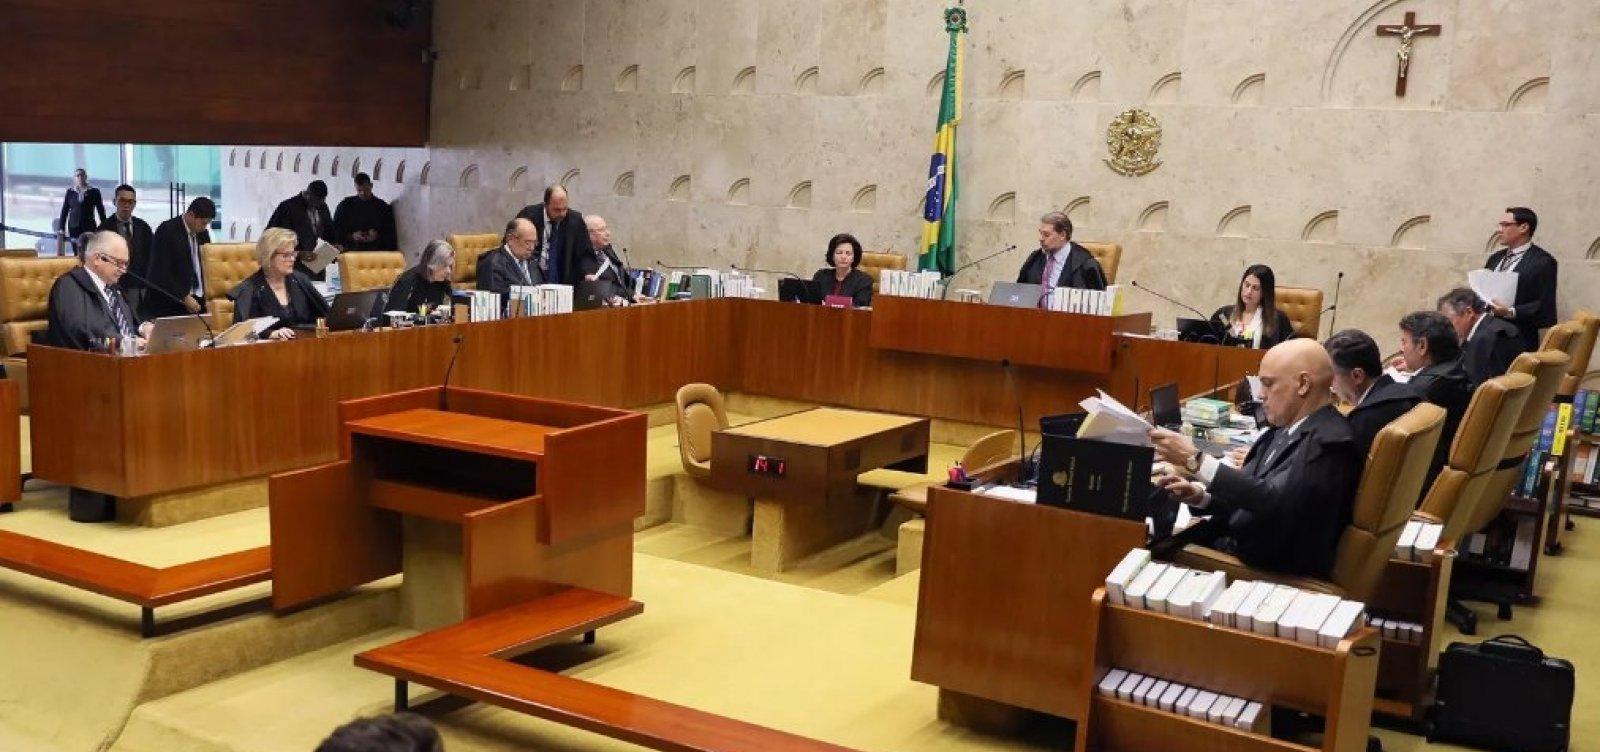 [STF avalia dividir fundo bilionário da Petrobras com outras áreas além da Educação]